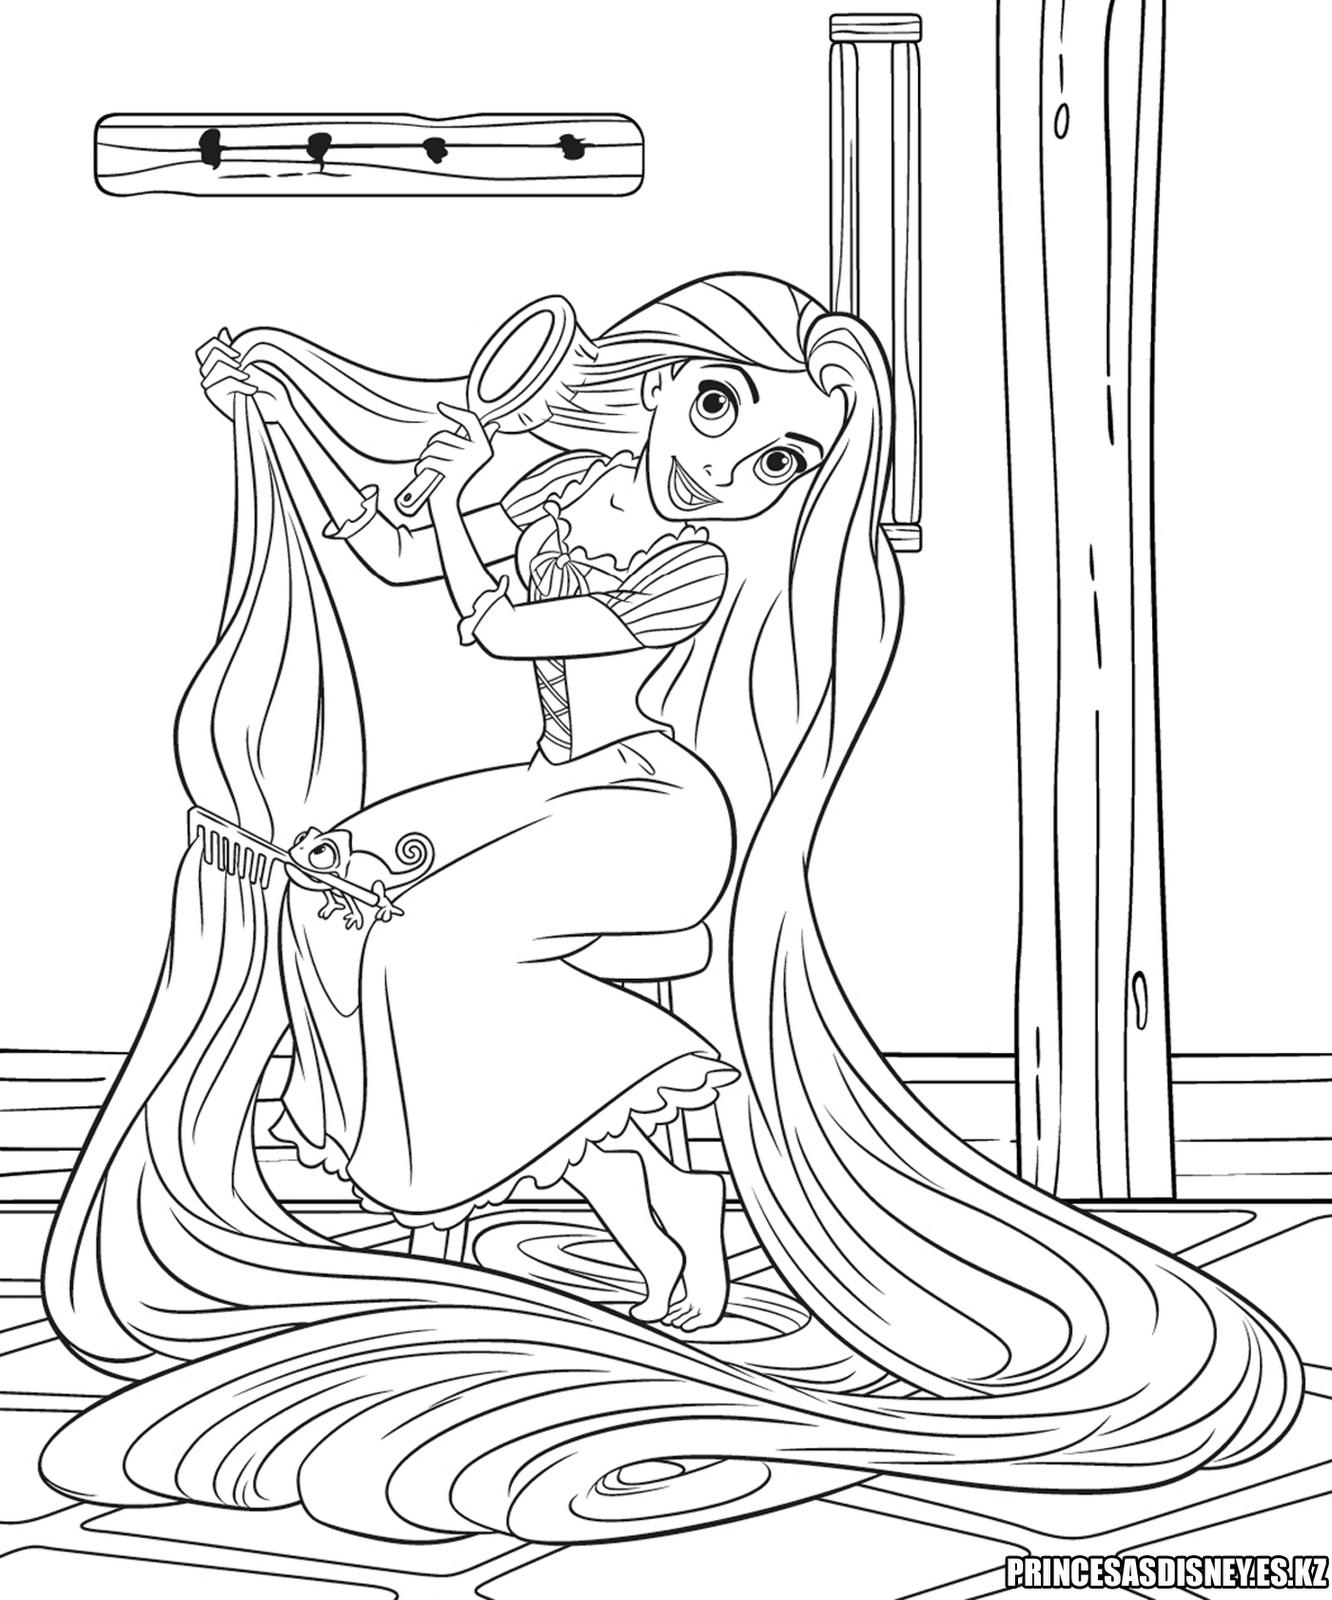 Dibujo para colorear de rapunzel enredados